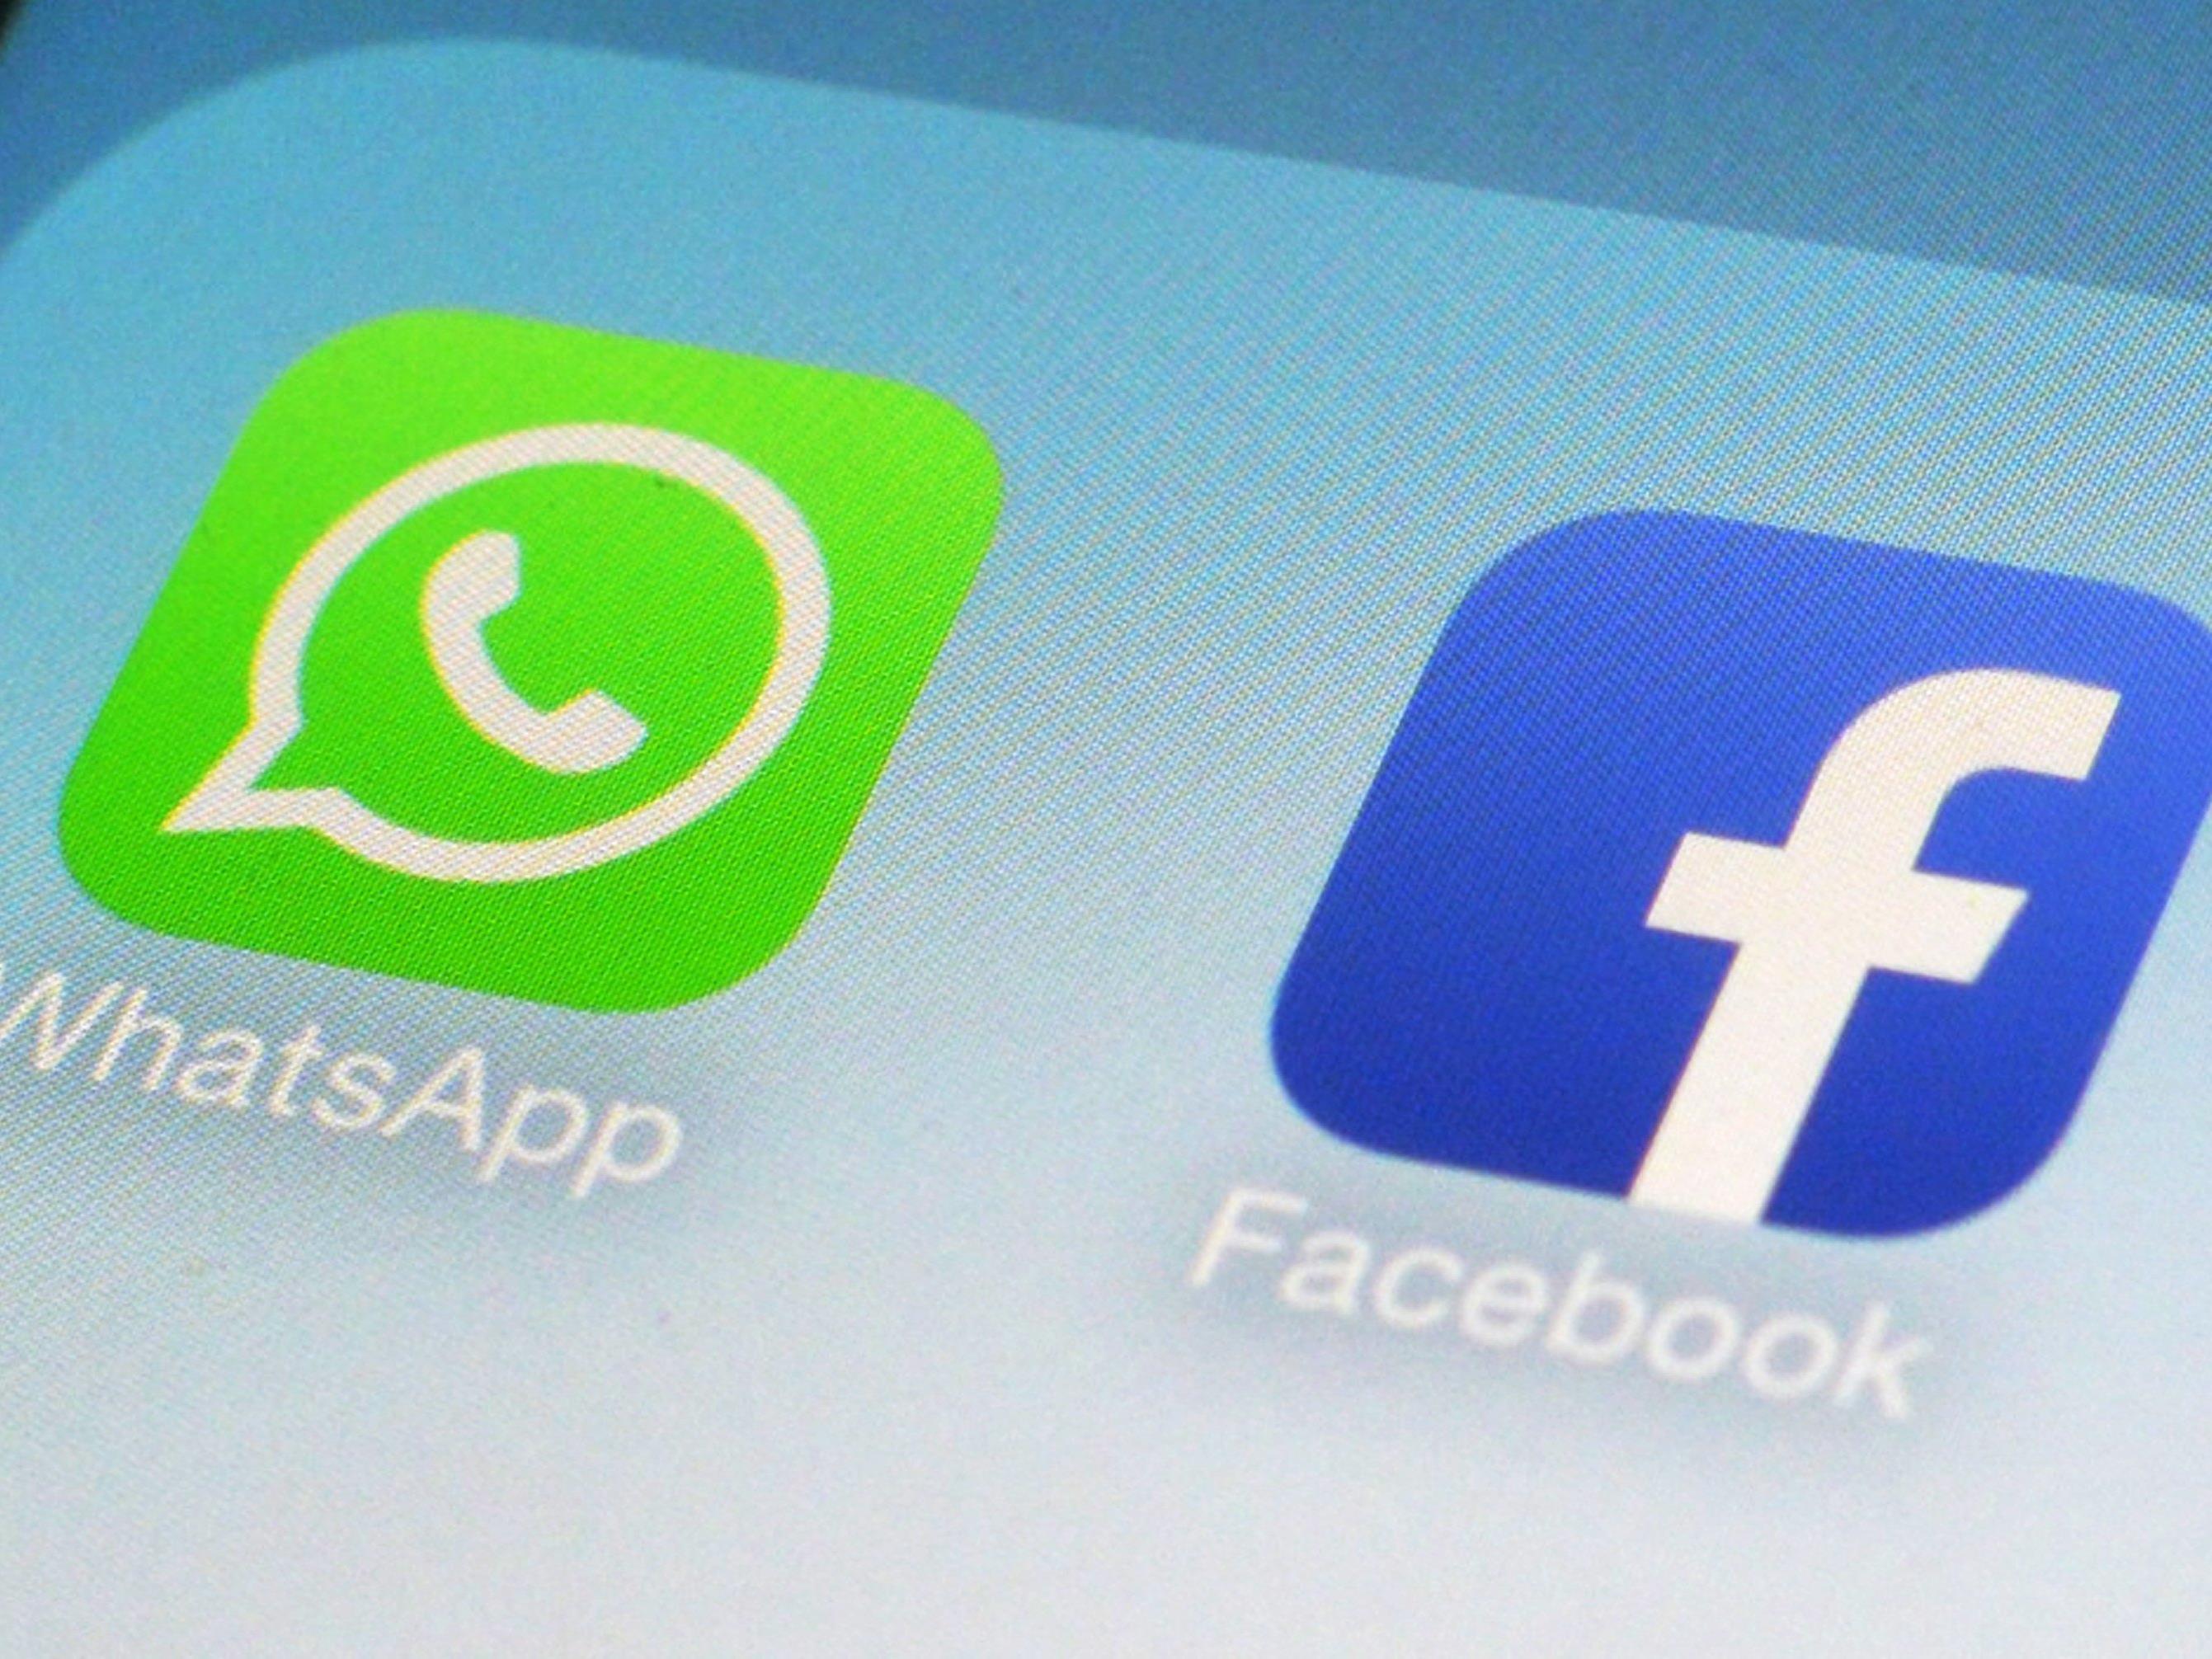 WhatsApp plant offenbar Business-Features für den Messenger.